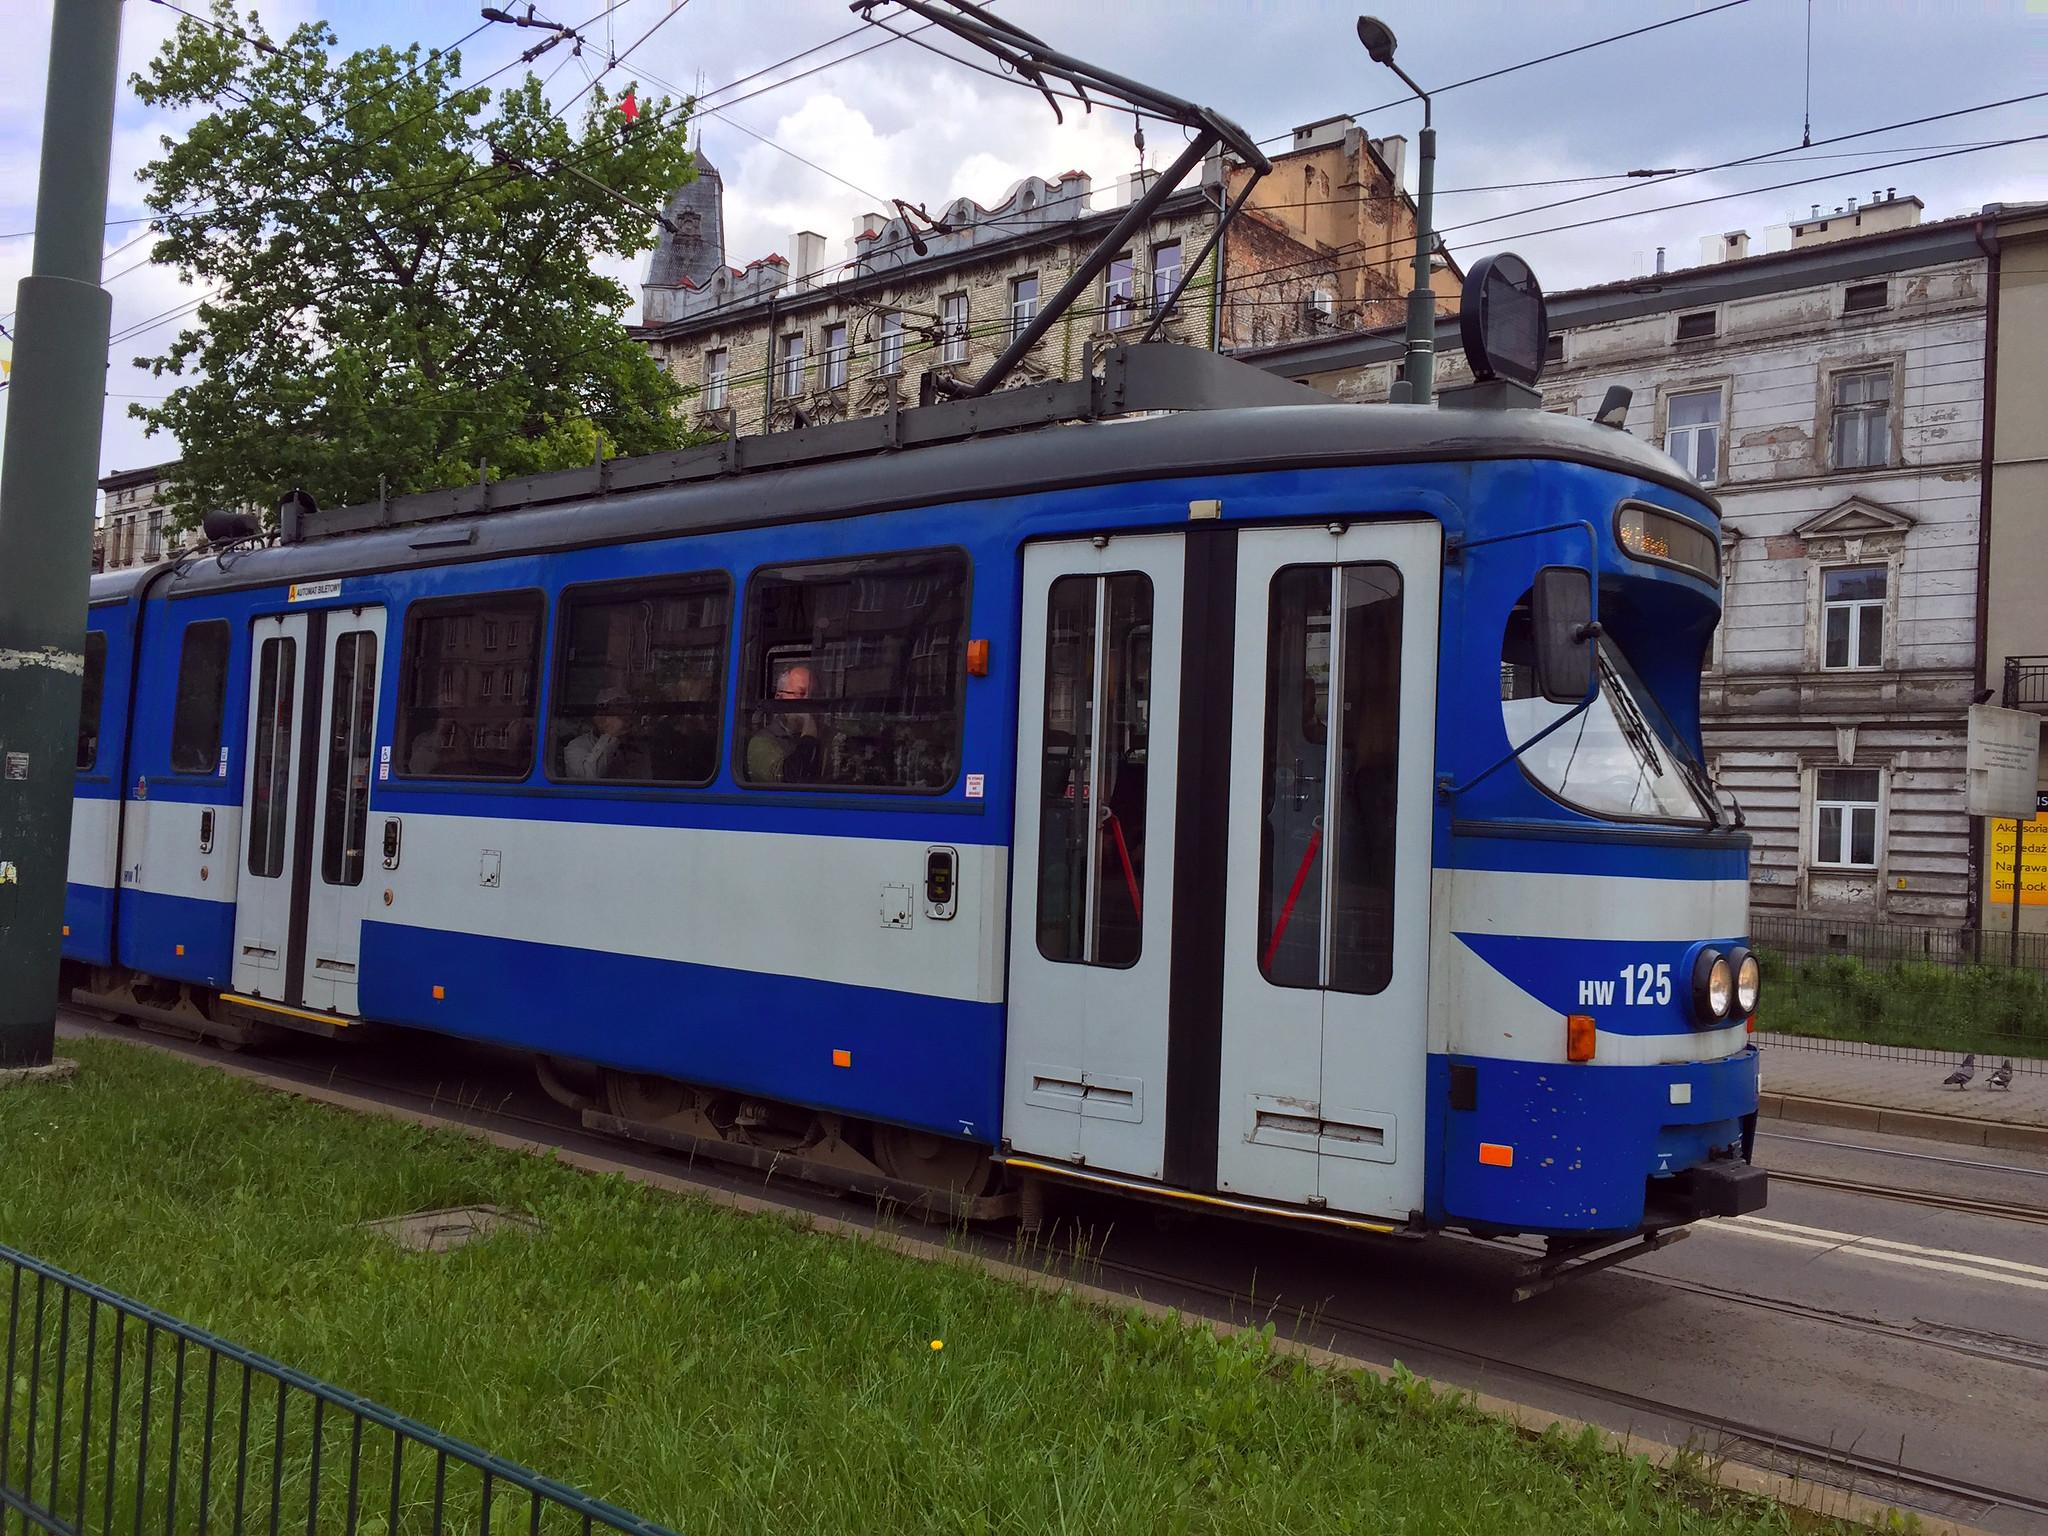 Qué ver en Cracovia, Krakow, Polonia, Poland qué ver en cracovia - 25591730727 a7f0aa8b0a k - Qué ver en Cracovia, Polonia